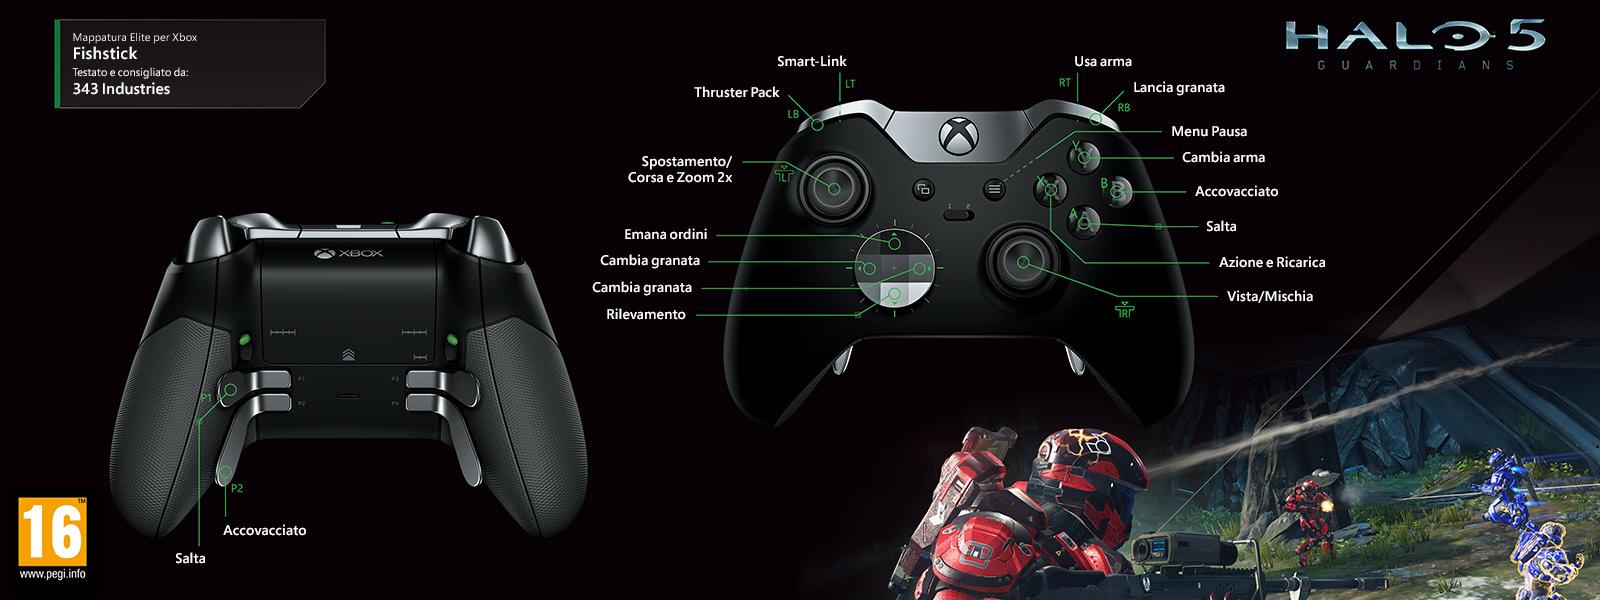 Halo 5 – Mappatura Elite per Fishstick